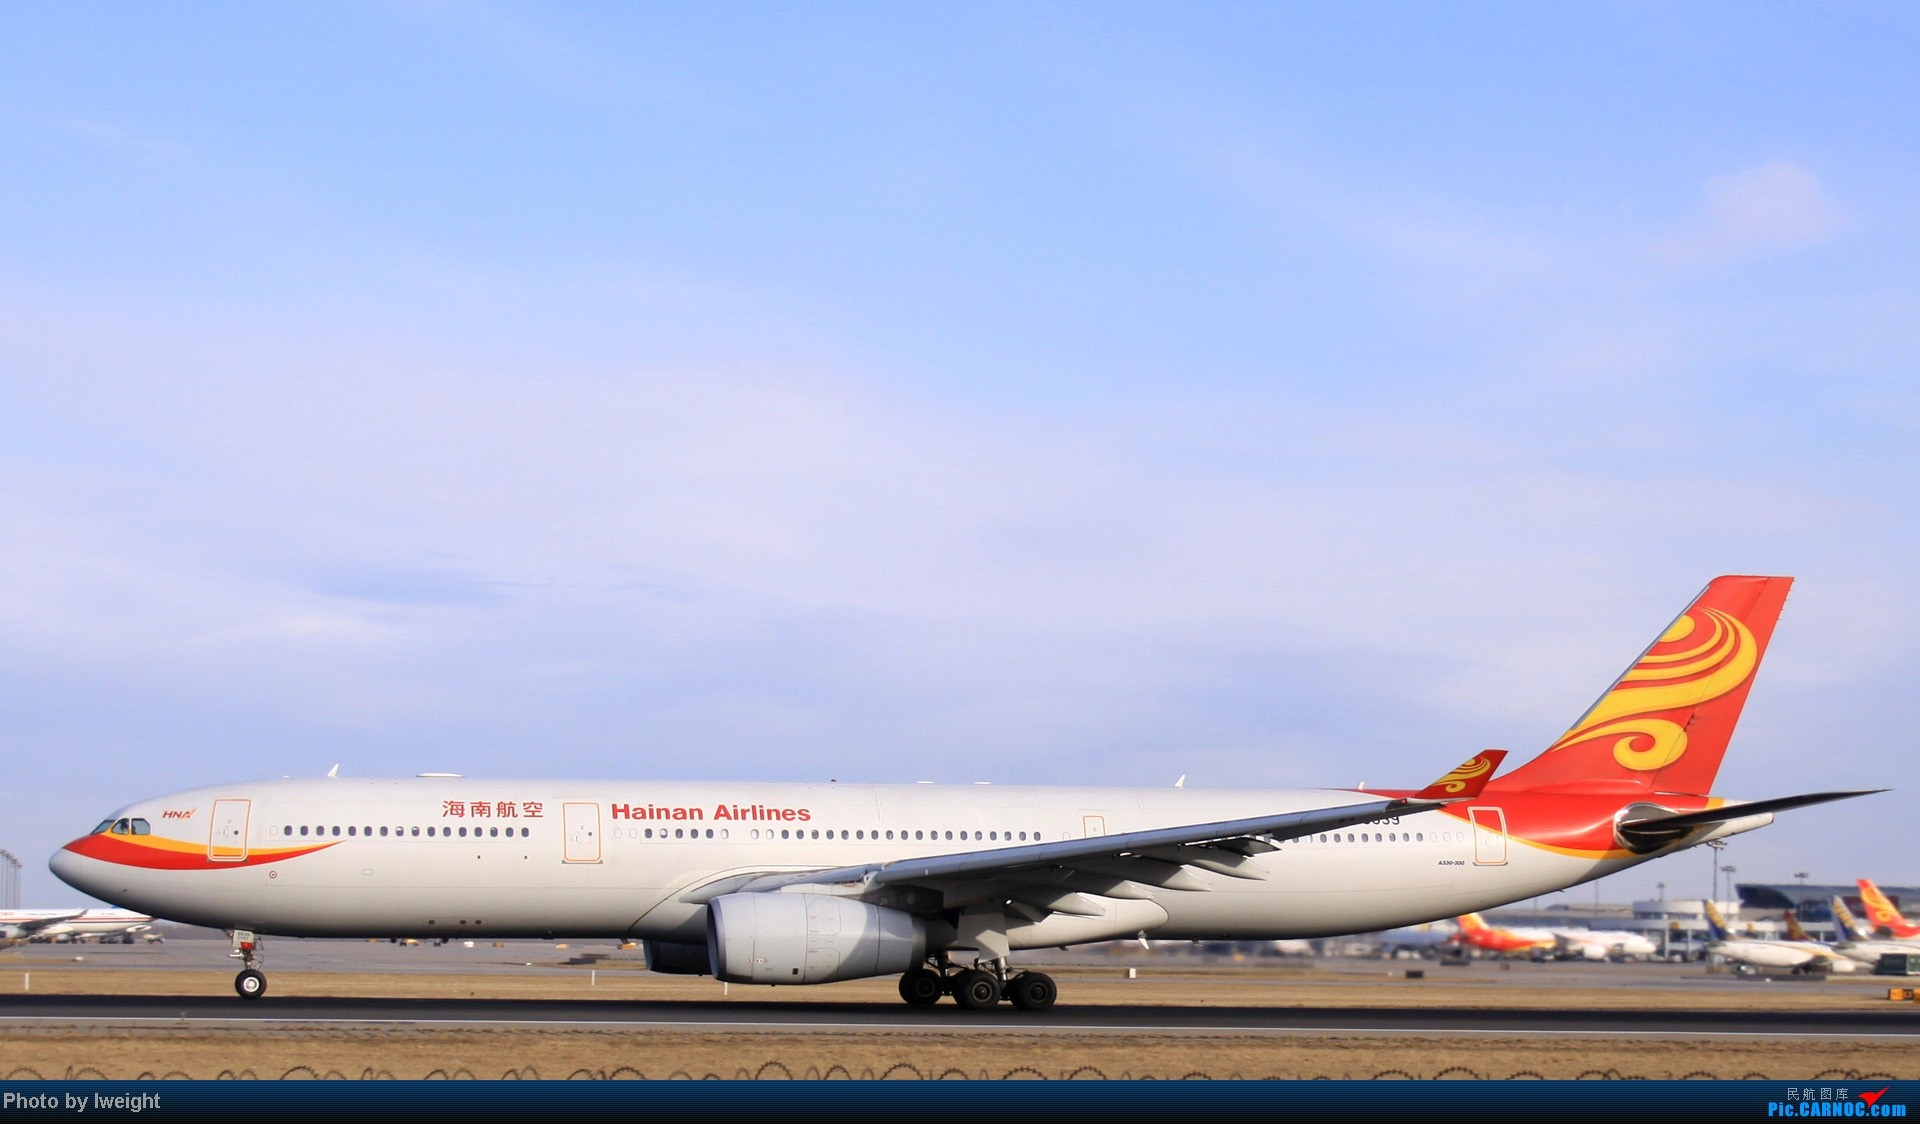 Re:[原创]今天下午瞎拍两个小时的杂图 AIRBUS A330-300 B-6539 中国北京首都机场